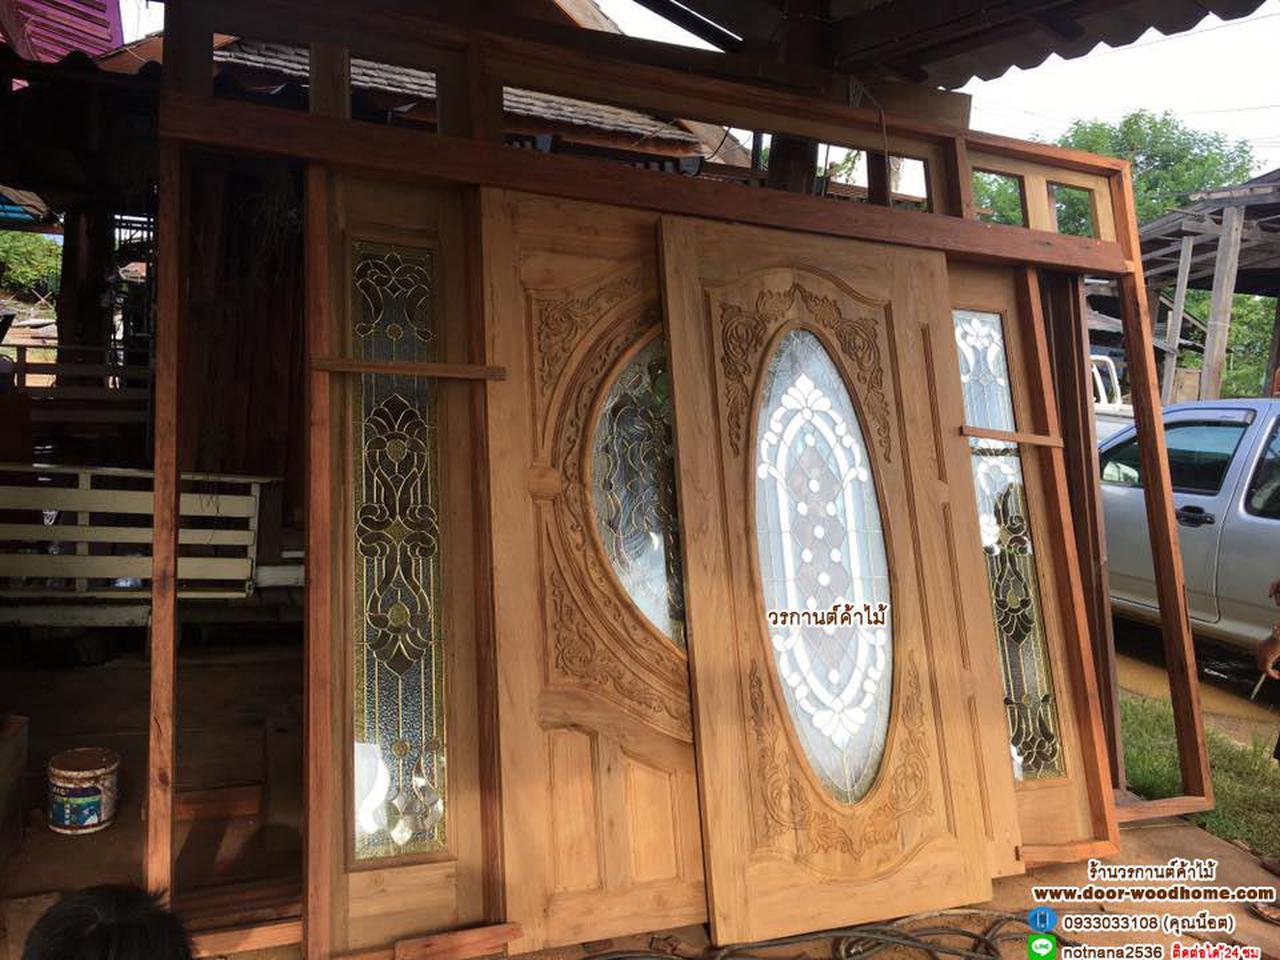 ประตูไม้สัก,ประตูไม้สักกระจกนิรภัย www.door-woodhome.com ร้านวรกานต์ค้าไม้ รูปที่ 1